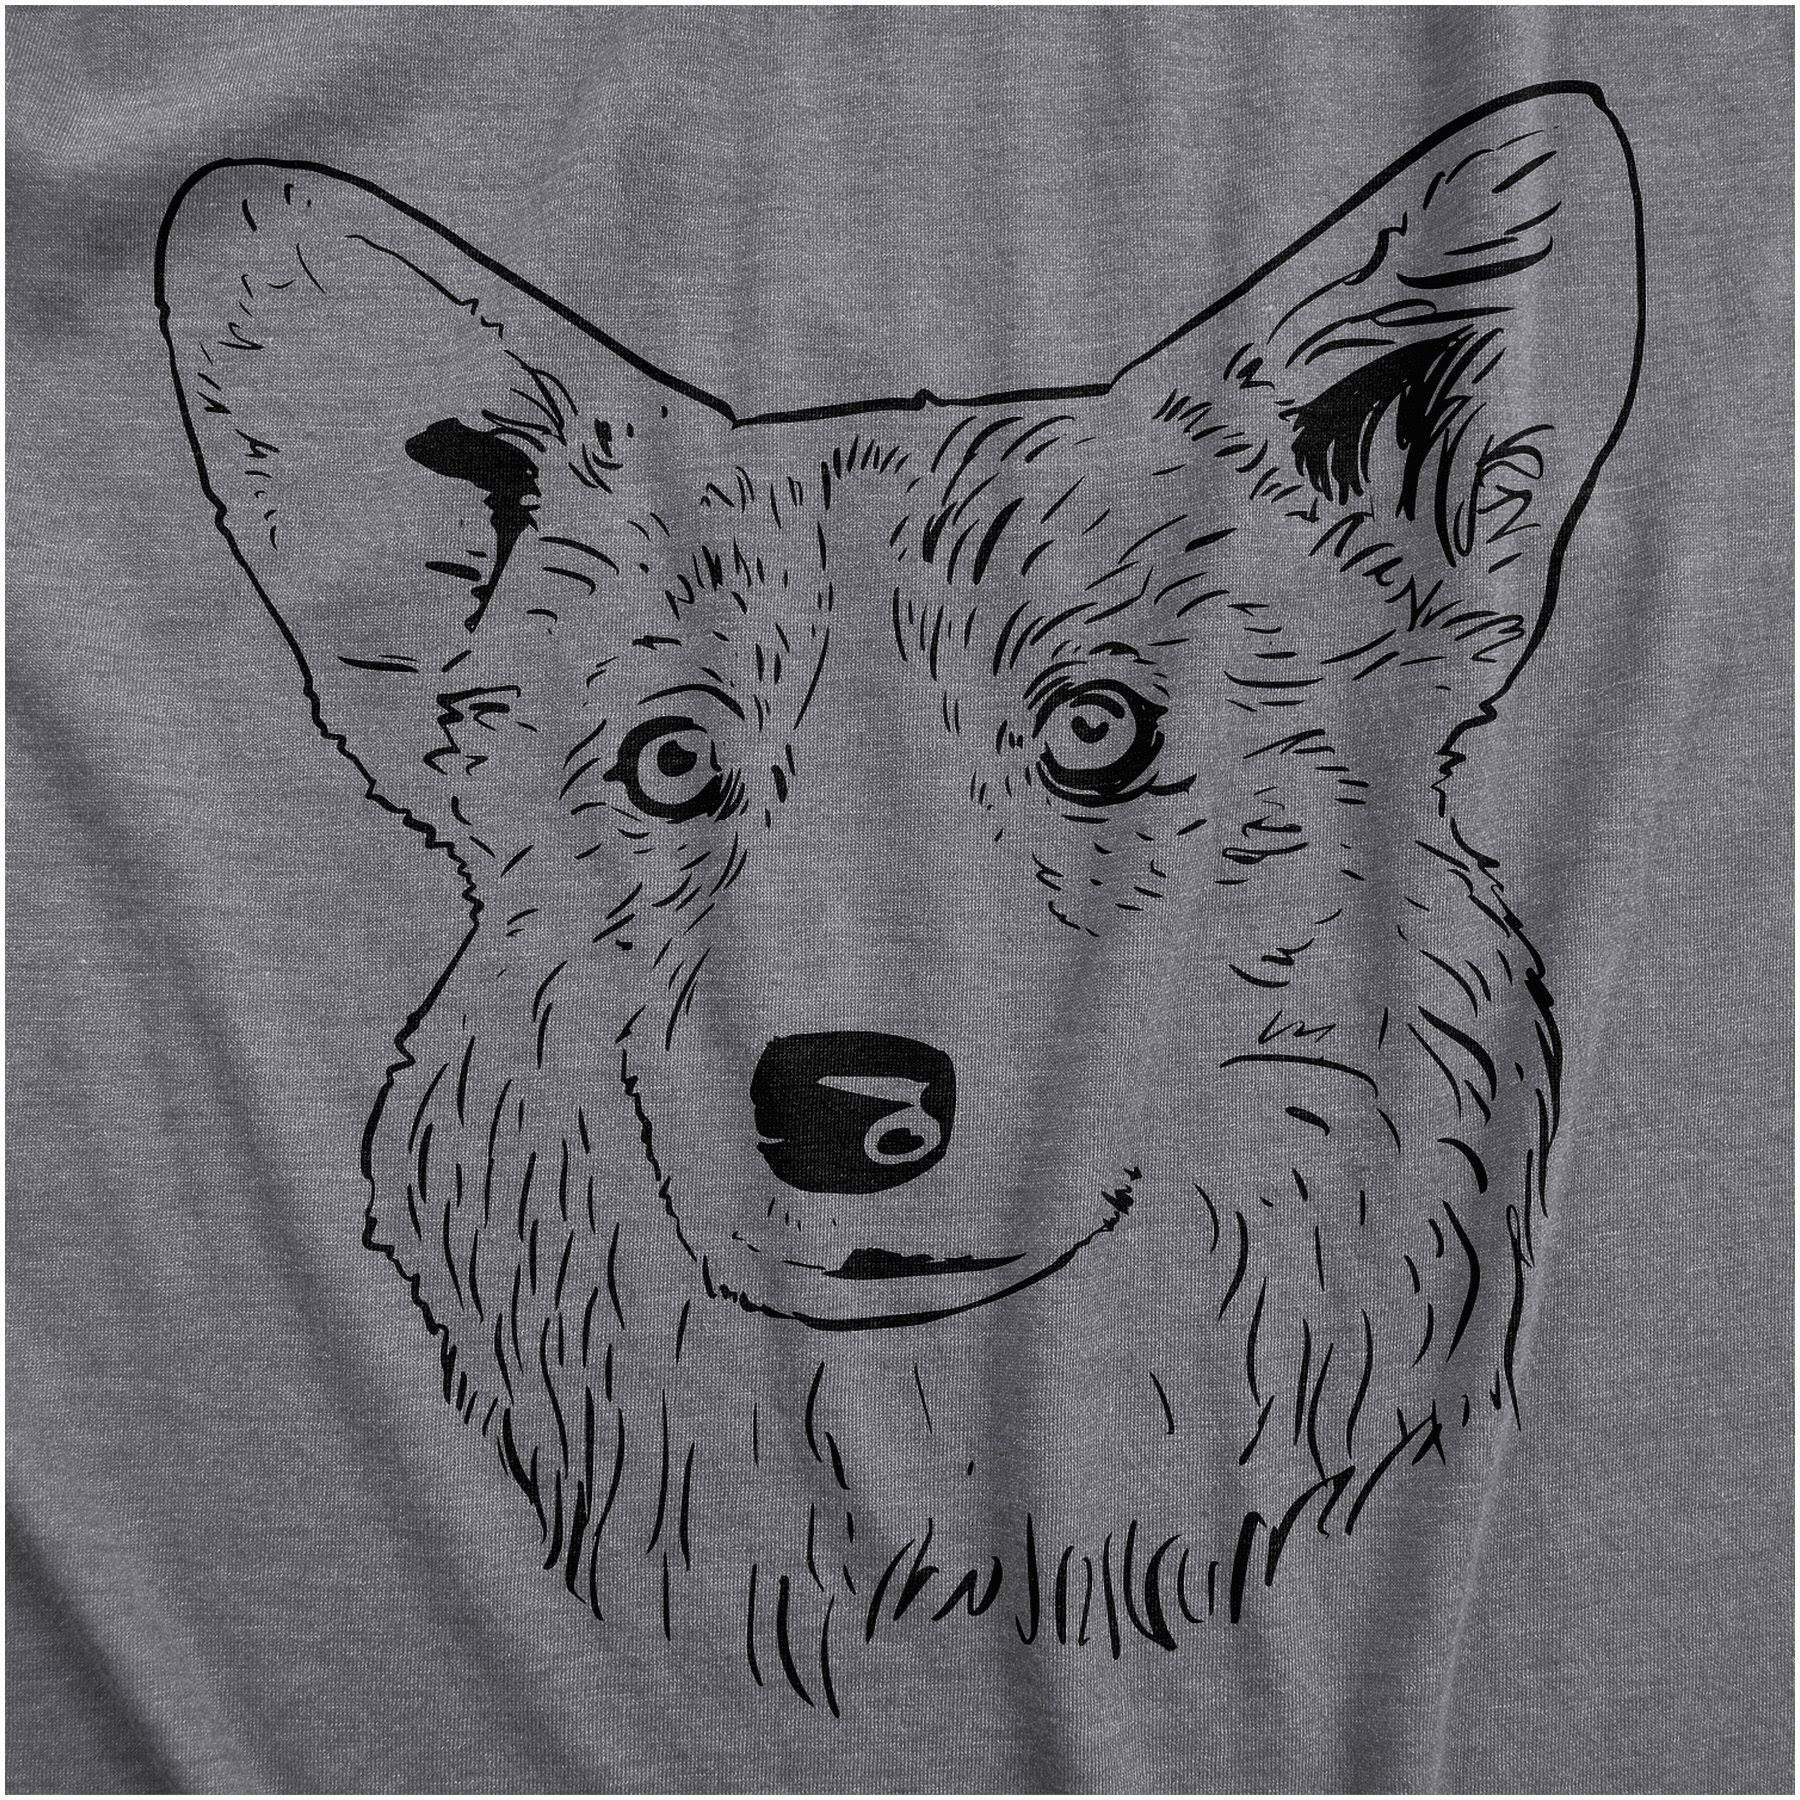 Lustiger Sie T 99corgiflip Hund kostüm t stück Nach Mich s Tshirts Corgi Meinem Crazydog Schlagen Welpen shirt Herauf Fragen Eqzn0